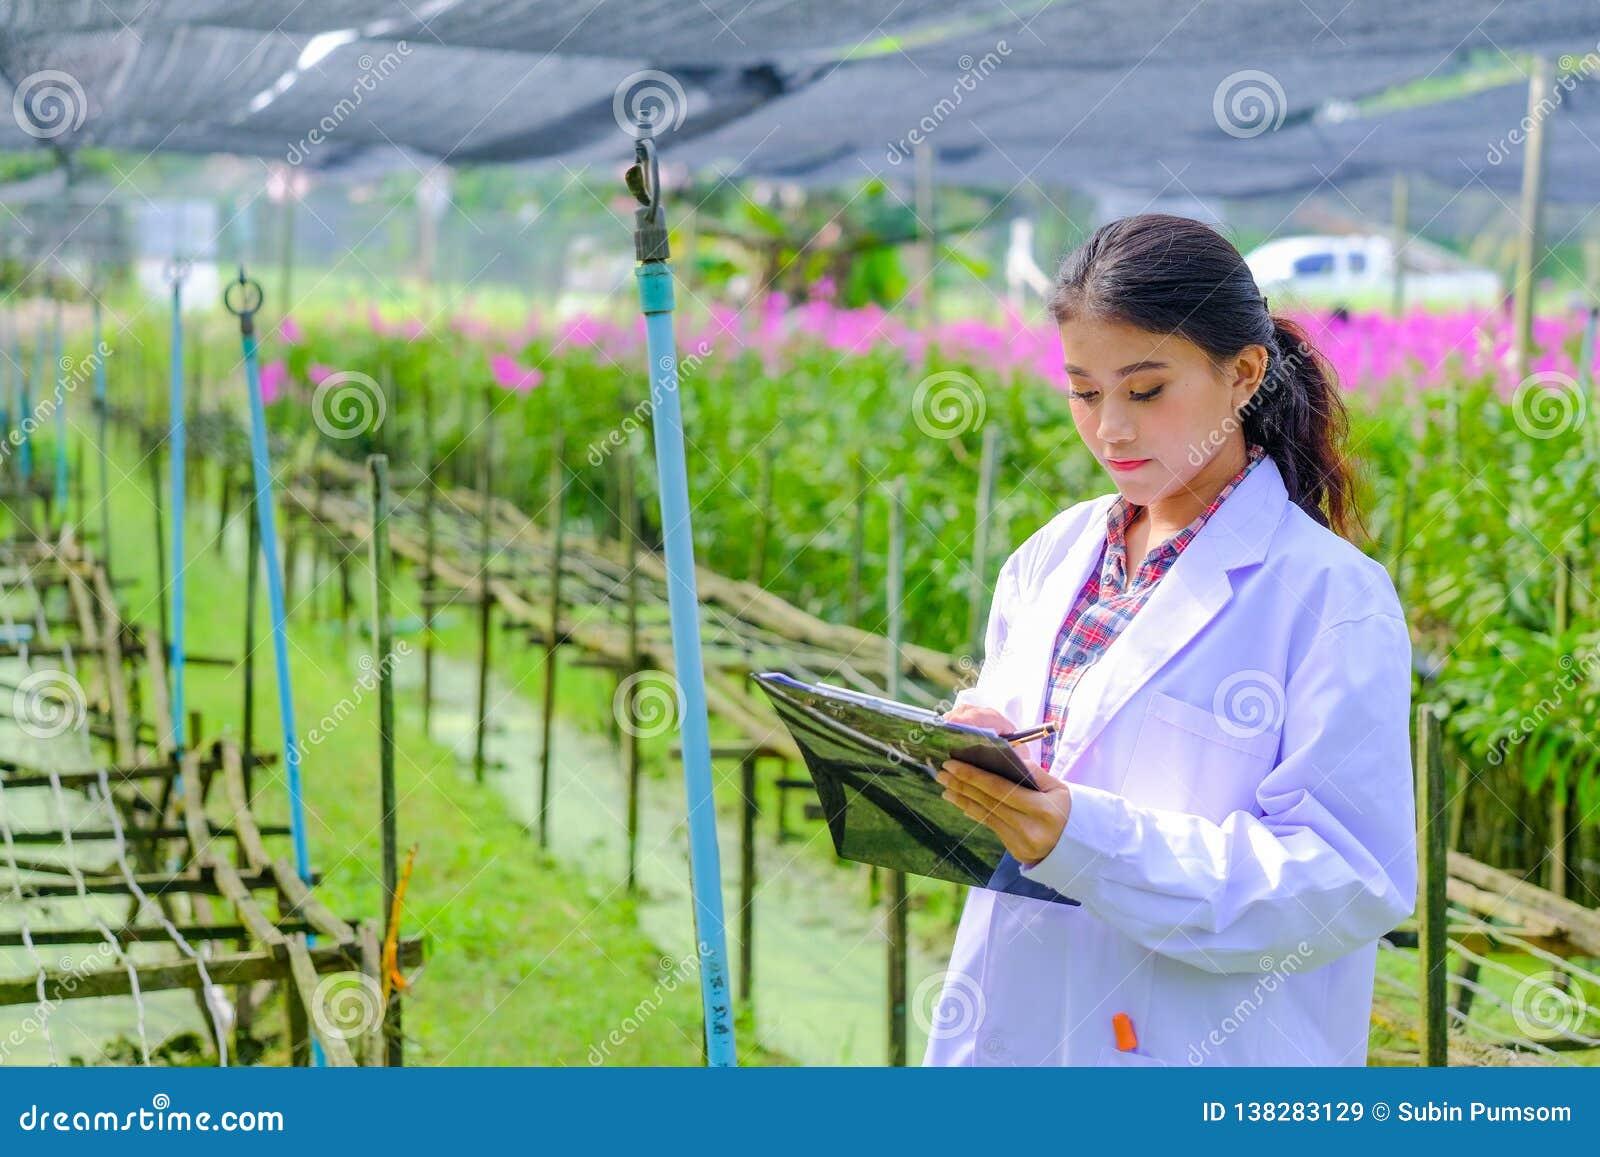 Młoda kobieta badacz w białej sukni i bada ogród przed zasadzać nowej orchidei